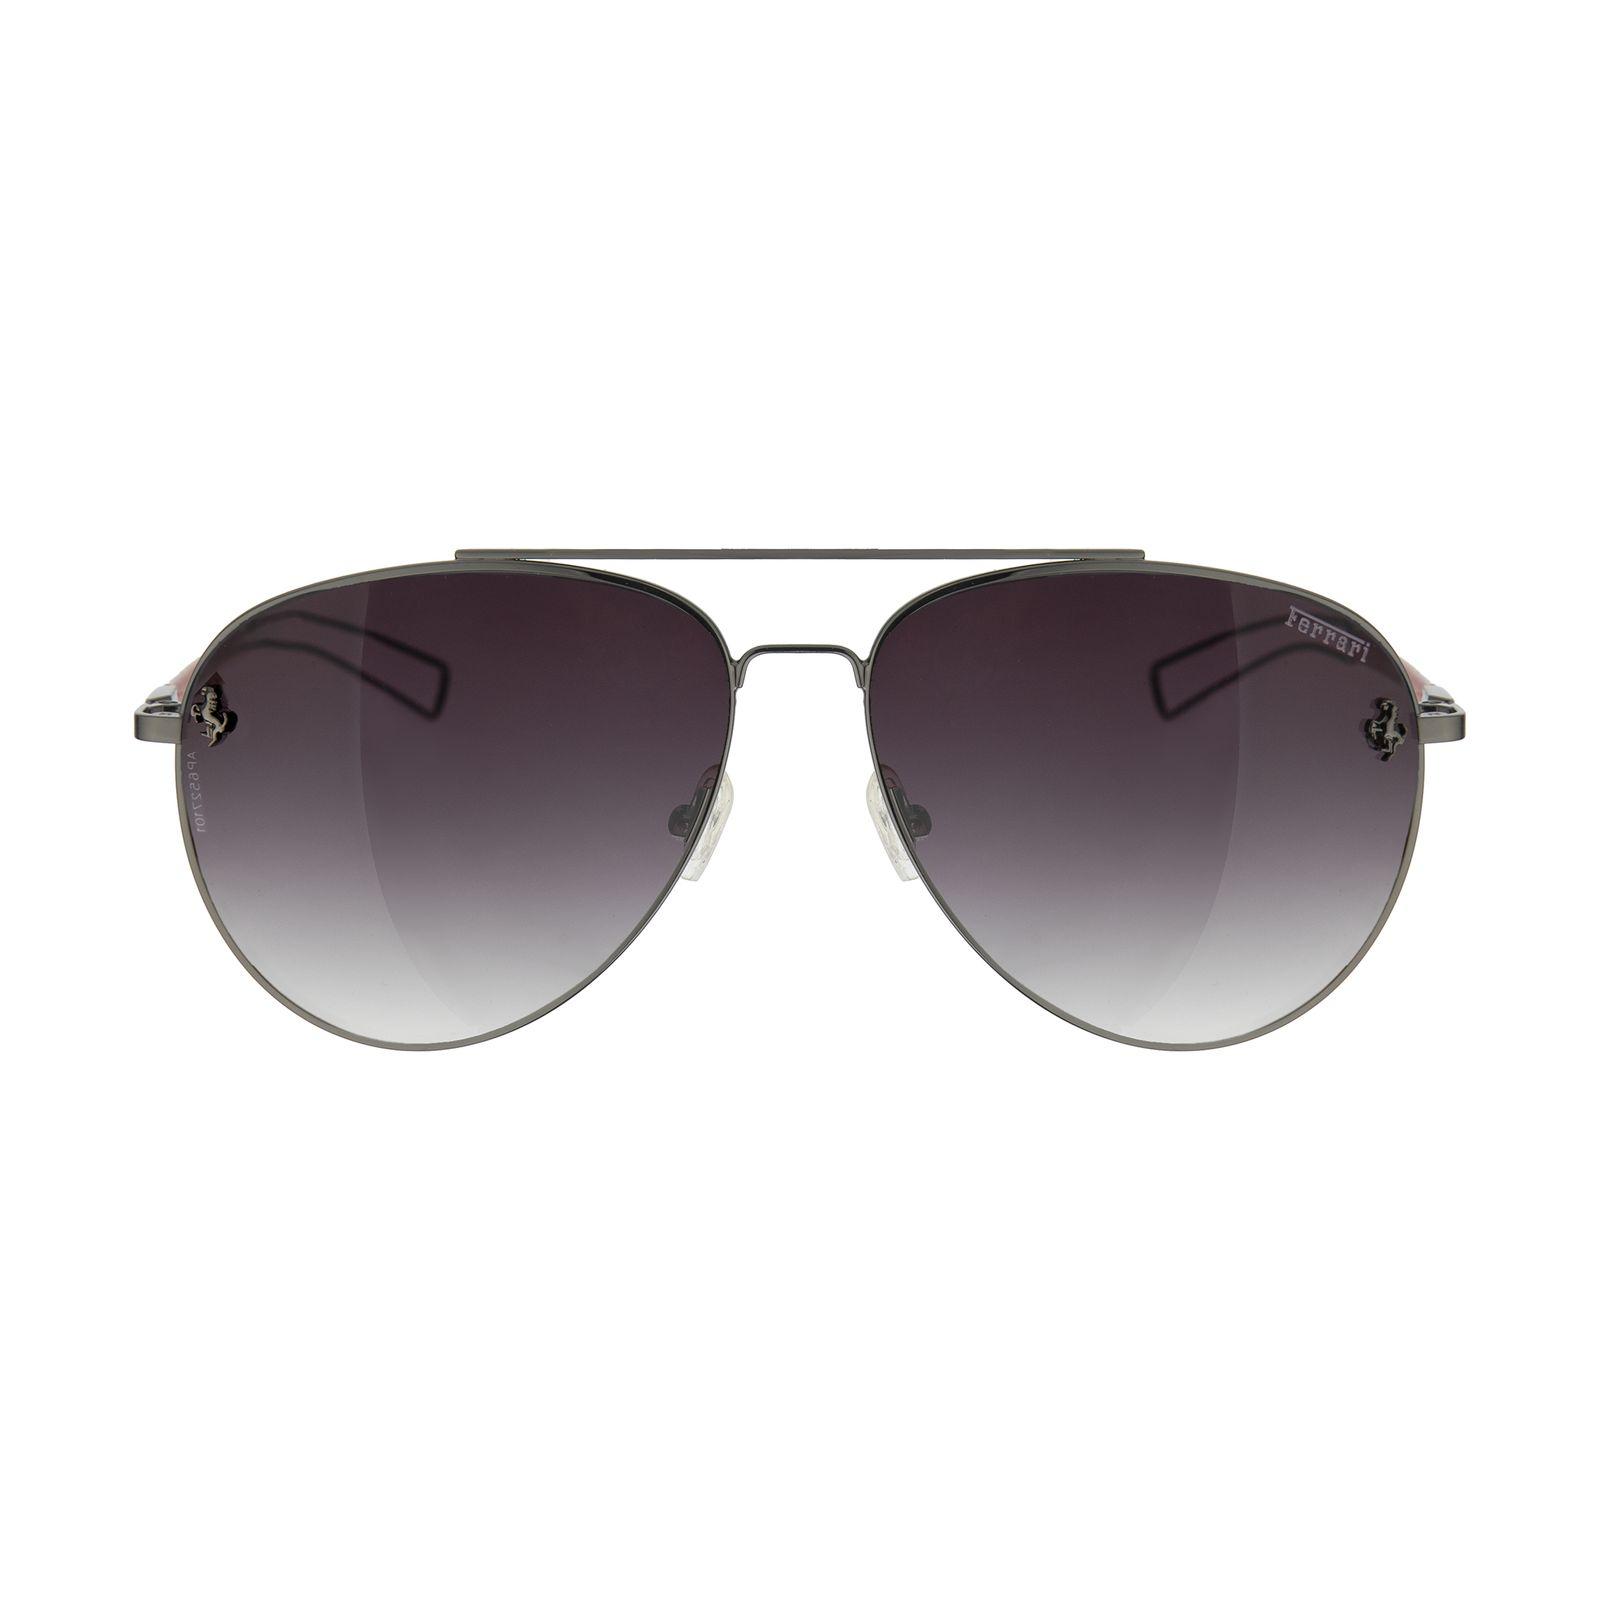 عینک آفتابی فراری مدل 13799 -  - 2